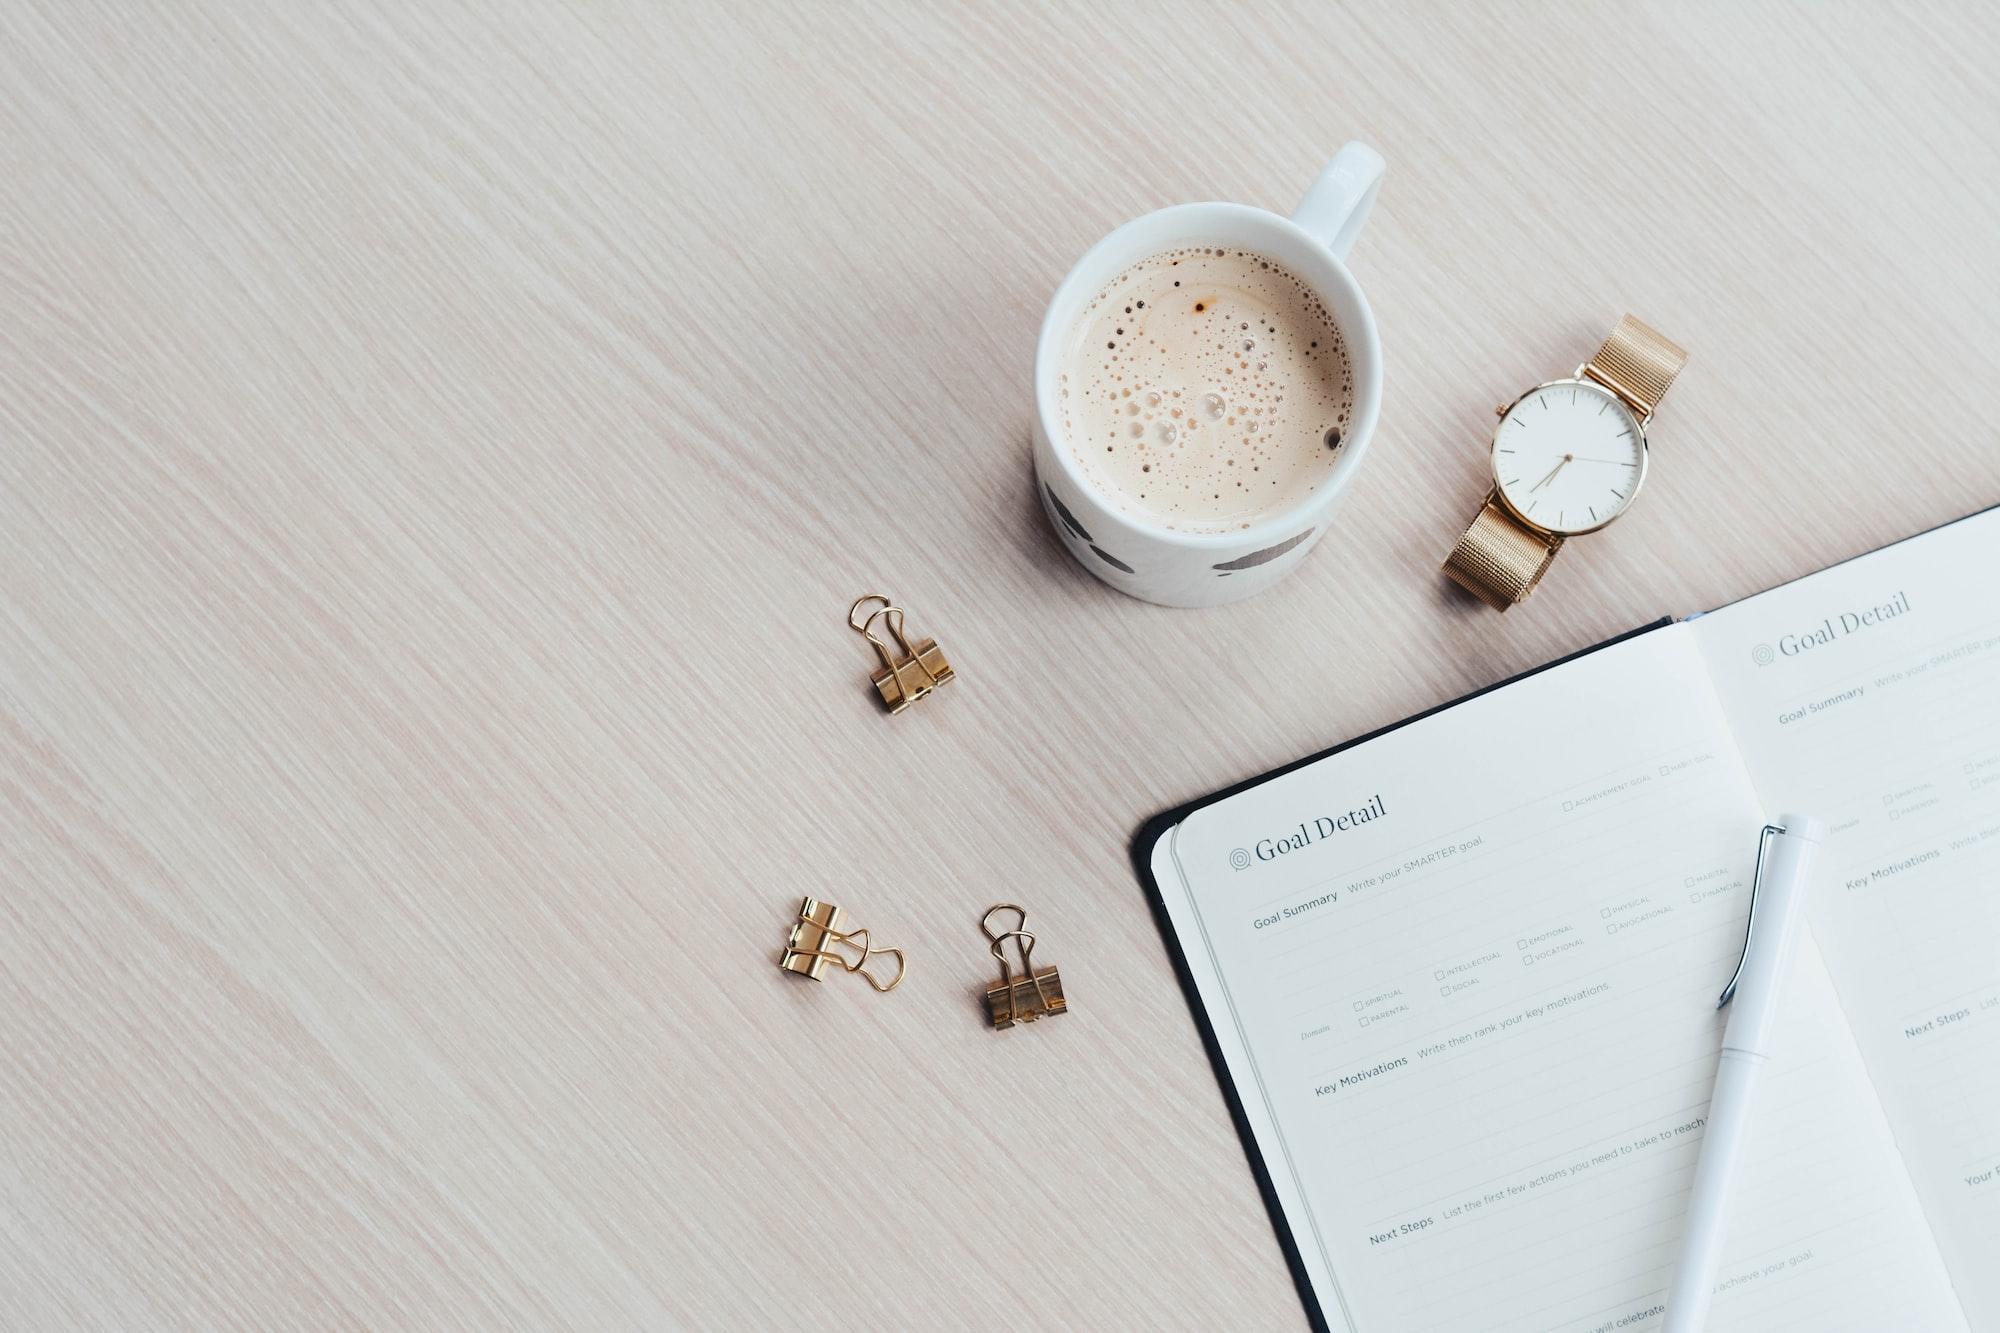 ¿Por Qué Vale la Pena Tener Buenos Hábitos?